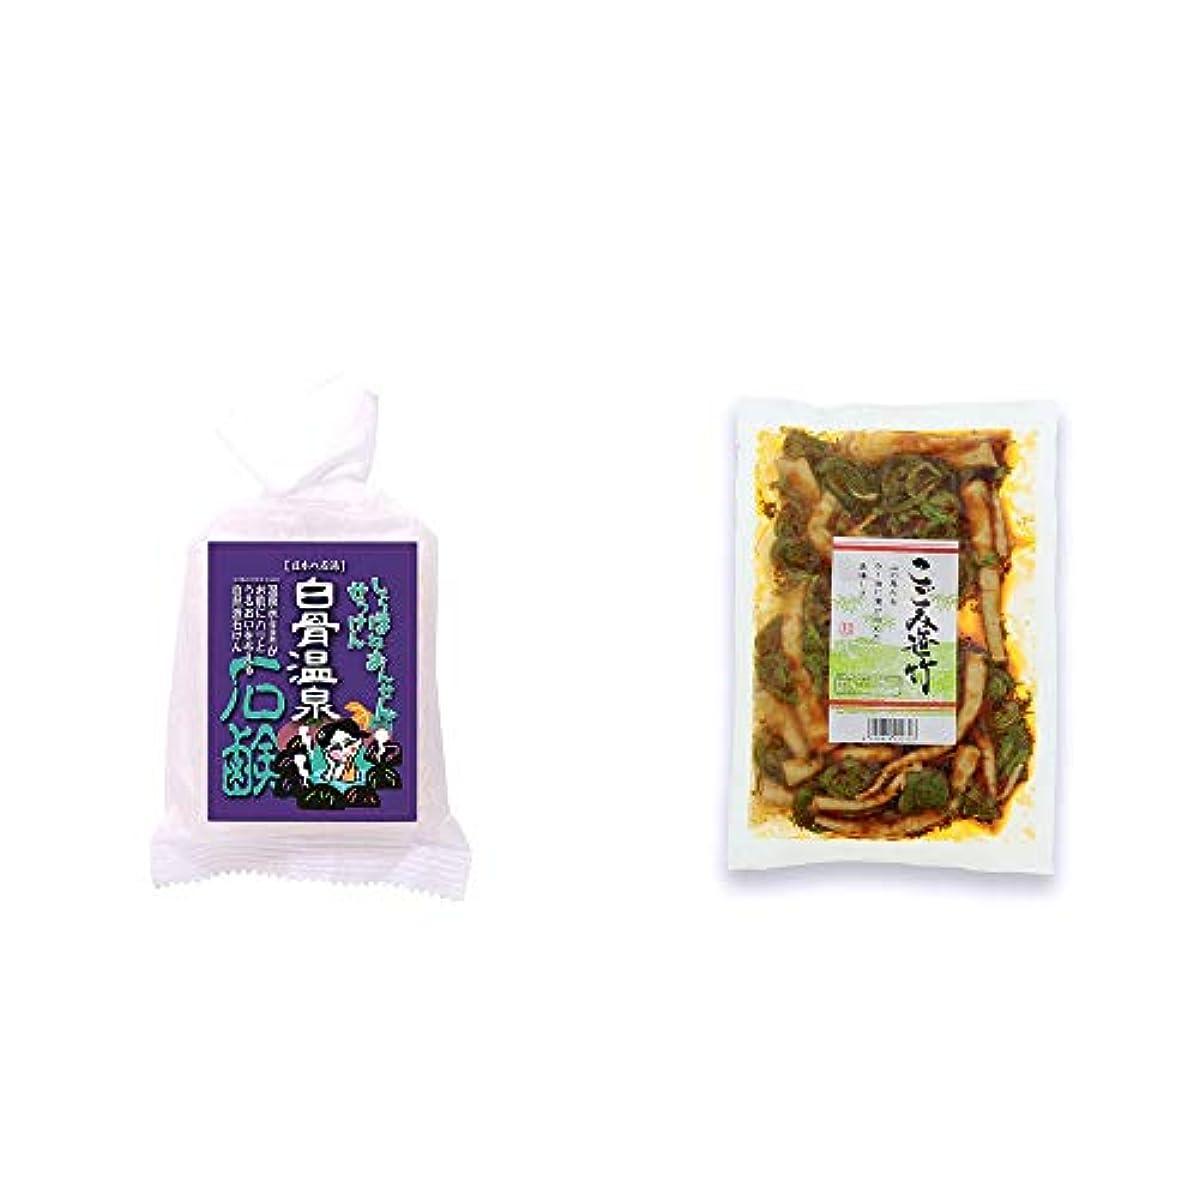 締めるつば不誠実[2点セット] 信州 白骨温泉石鹸(80g)?こごみ笹竹(250g)